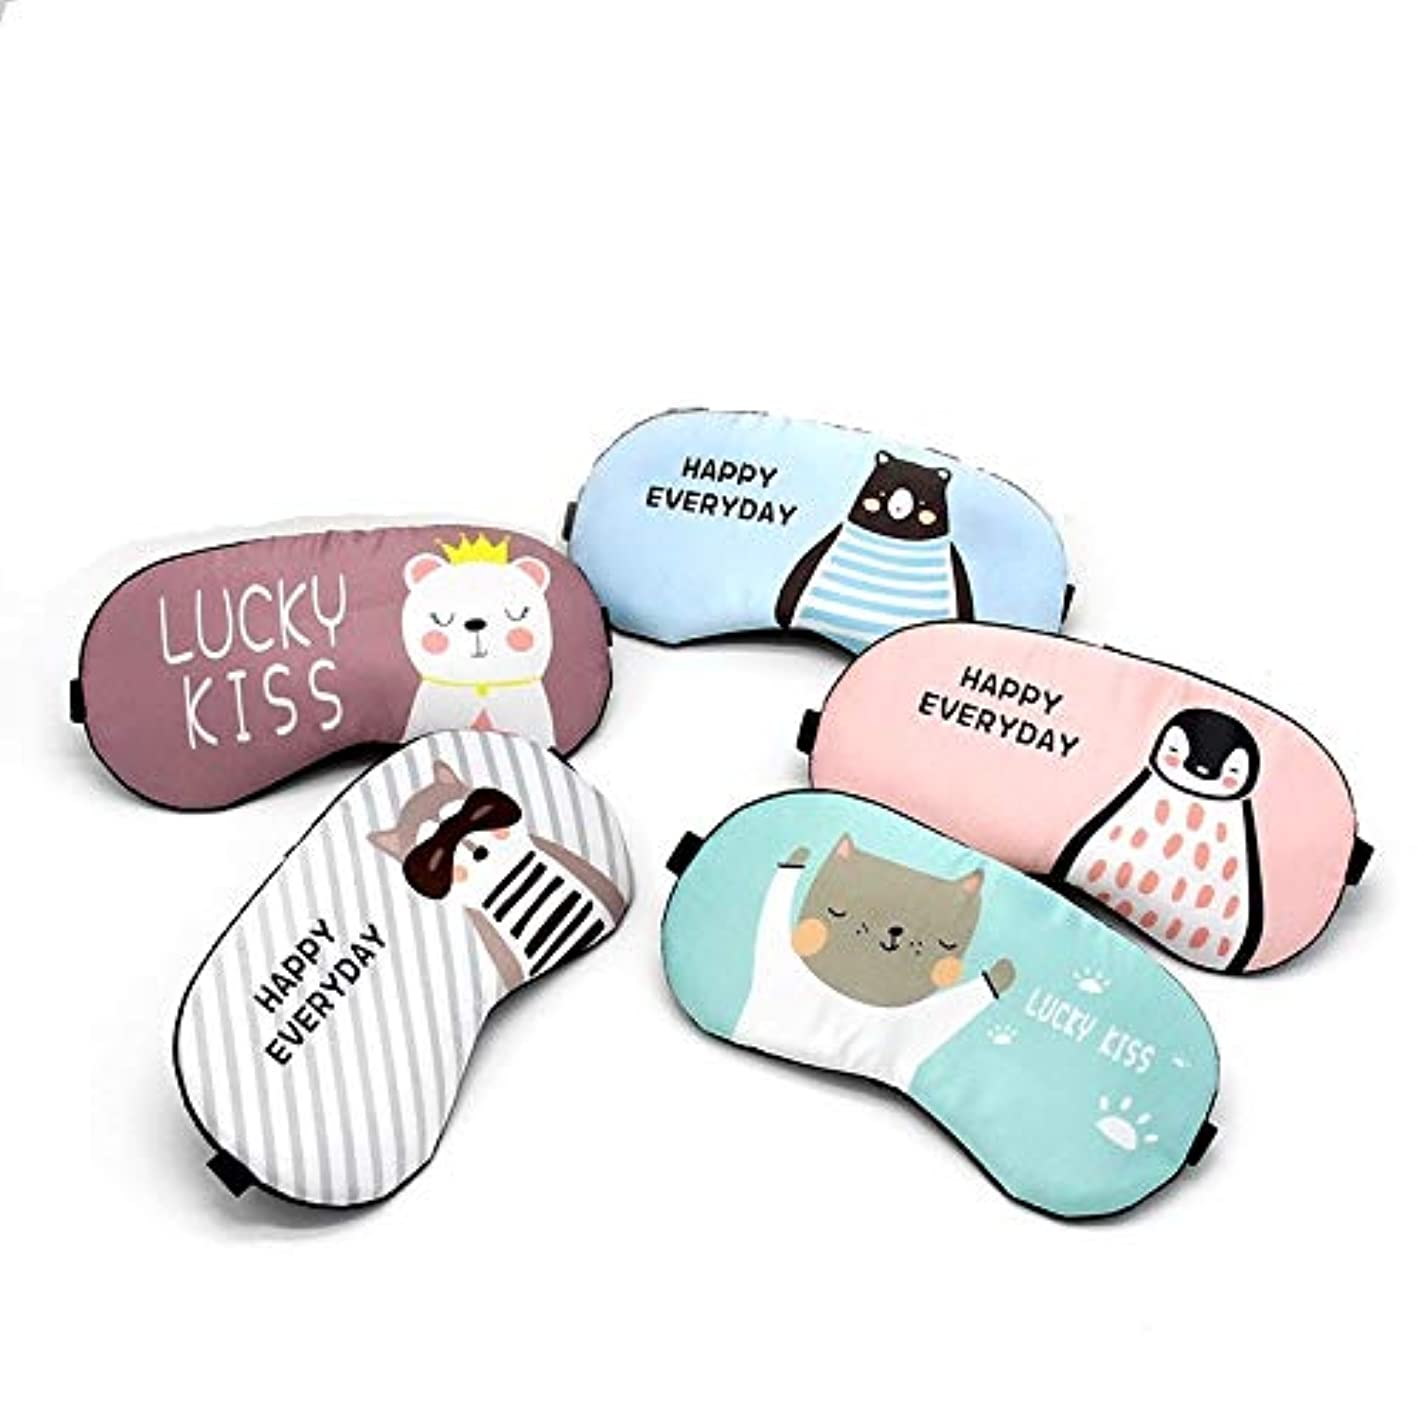 トークン些細な模索NOTE アイマスク猫/パンダ/犬の旅行リラックス睡眠補助MP0107のための睡眠マスクアイパッチアイカバー綿クリエイティブラブリー漫画